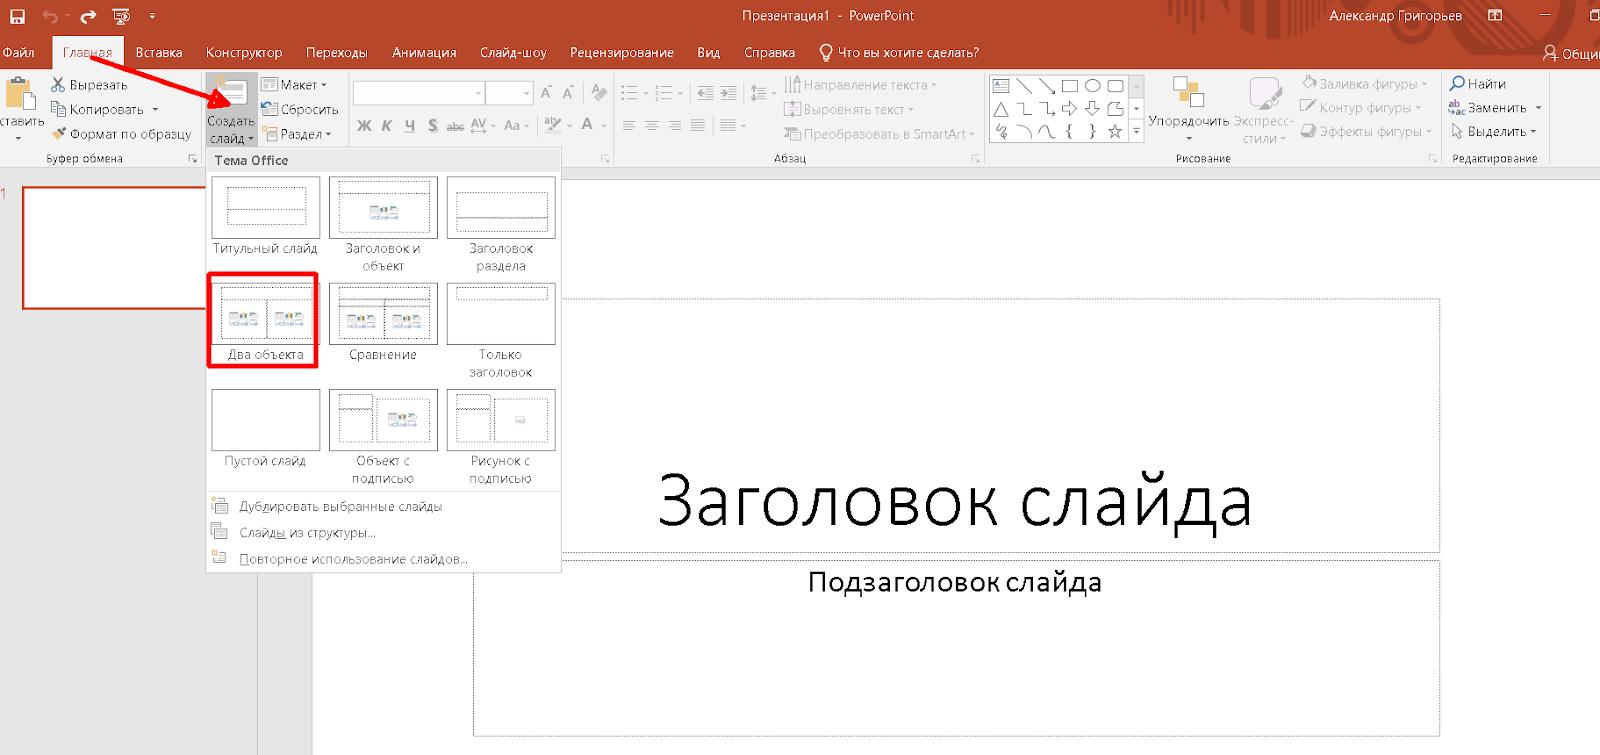 создание новой страницы в powerpoint